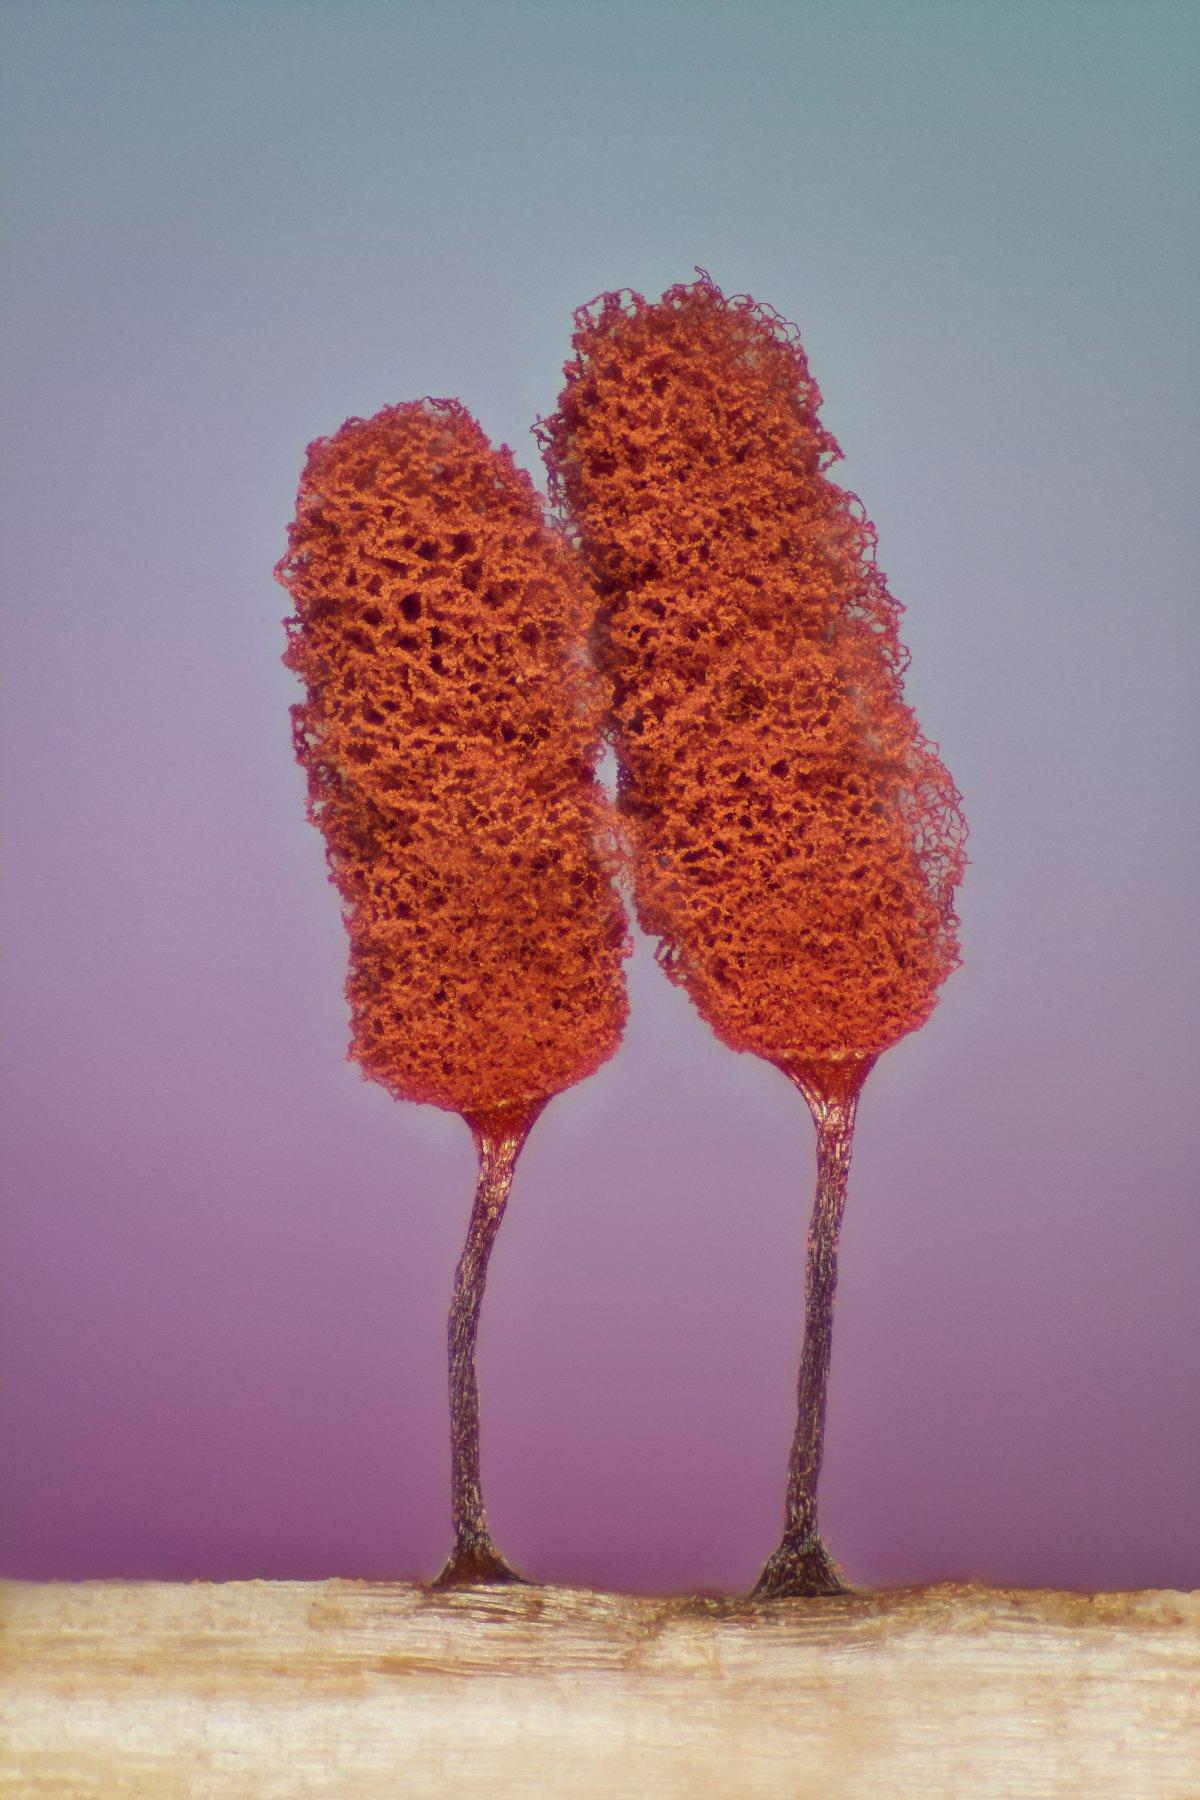 fotos microscopicas 4